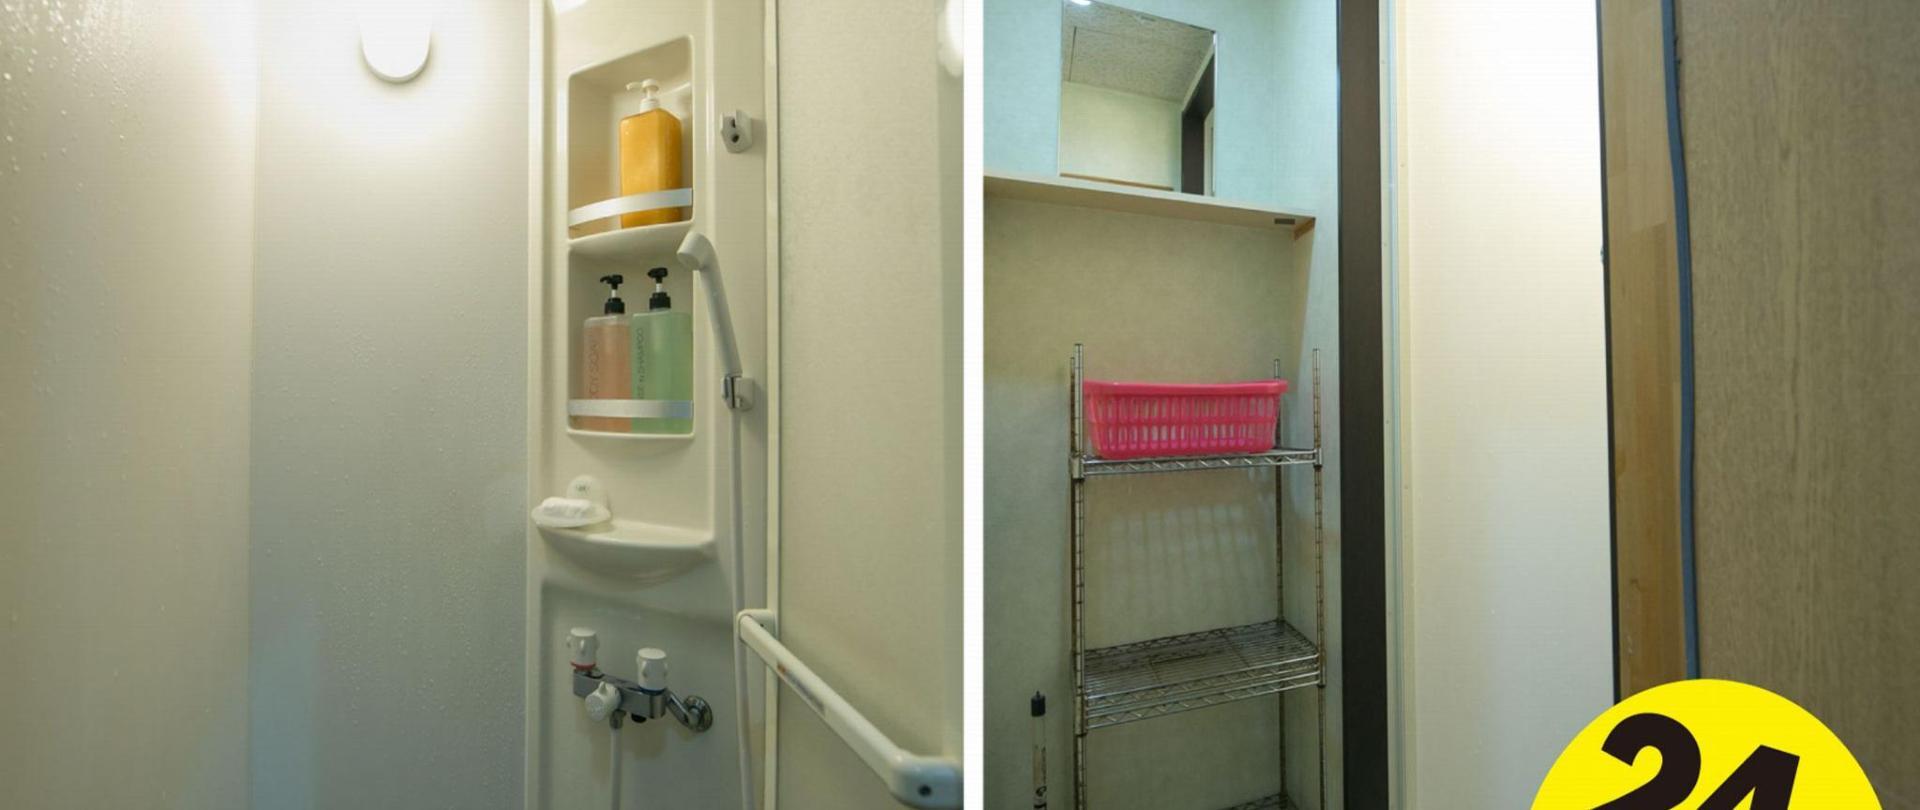 2-3.シャワー室.jpg